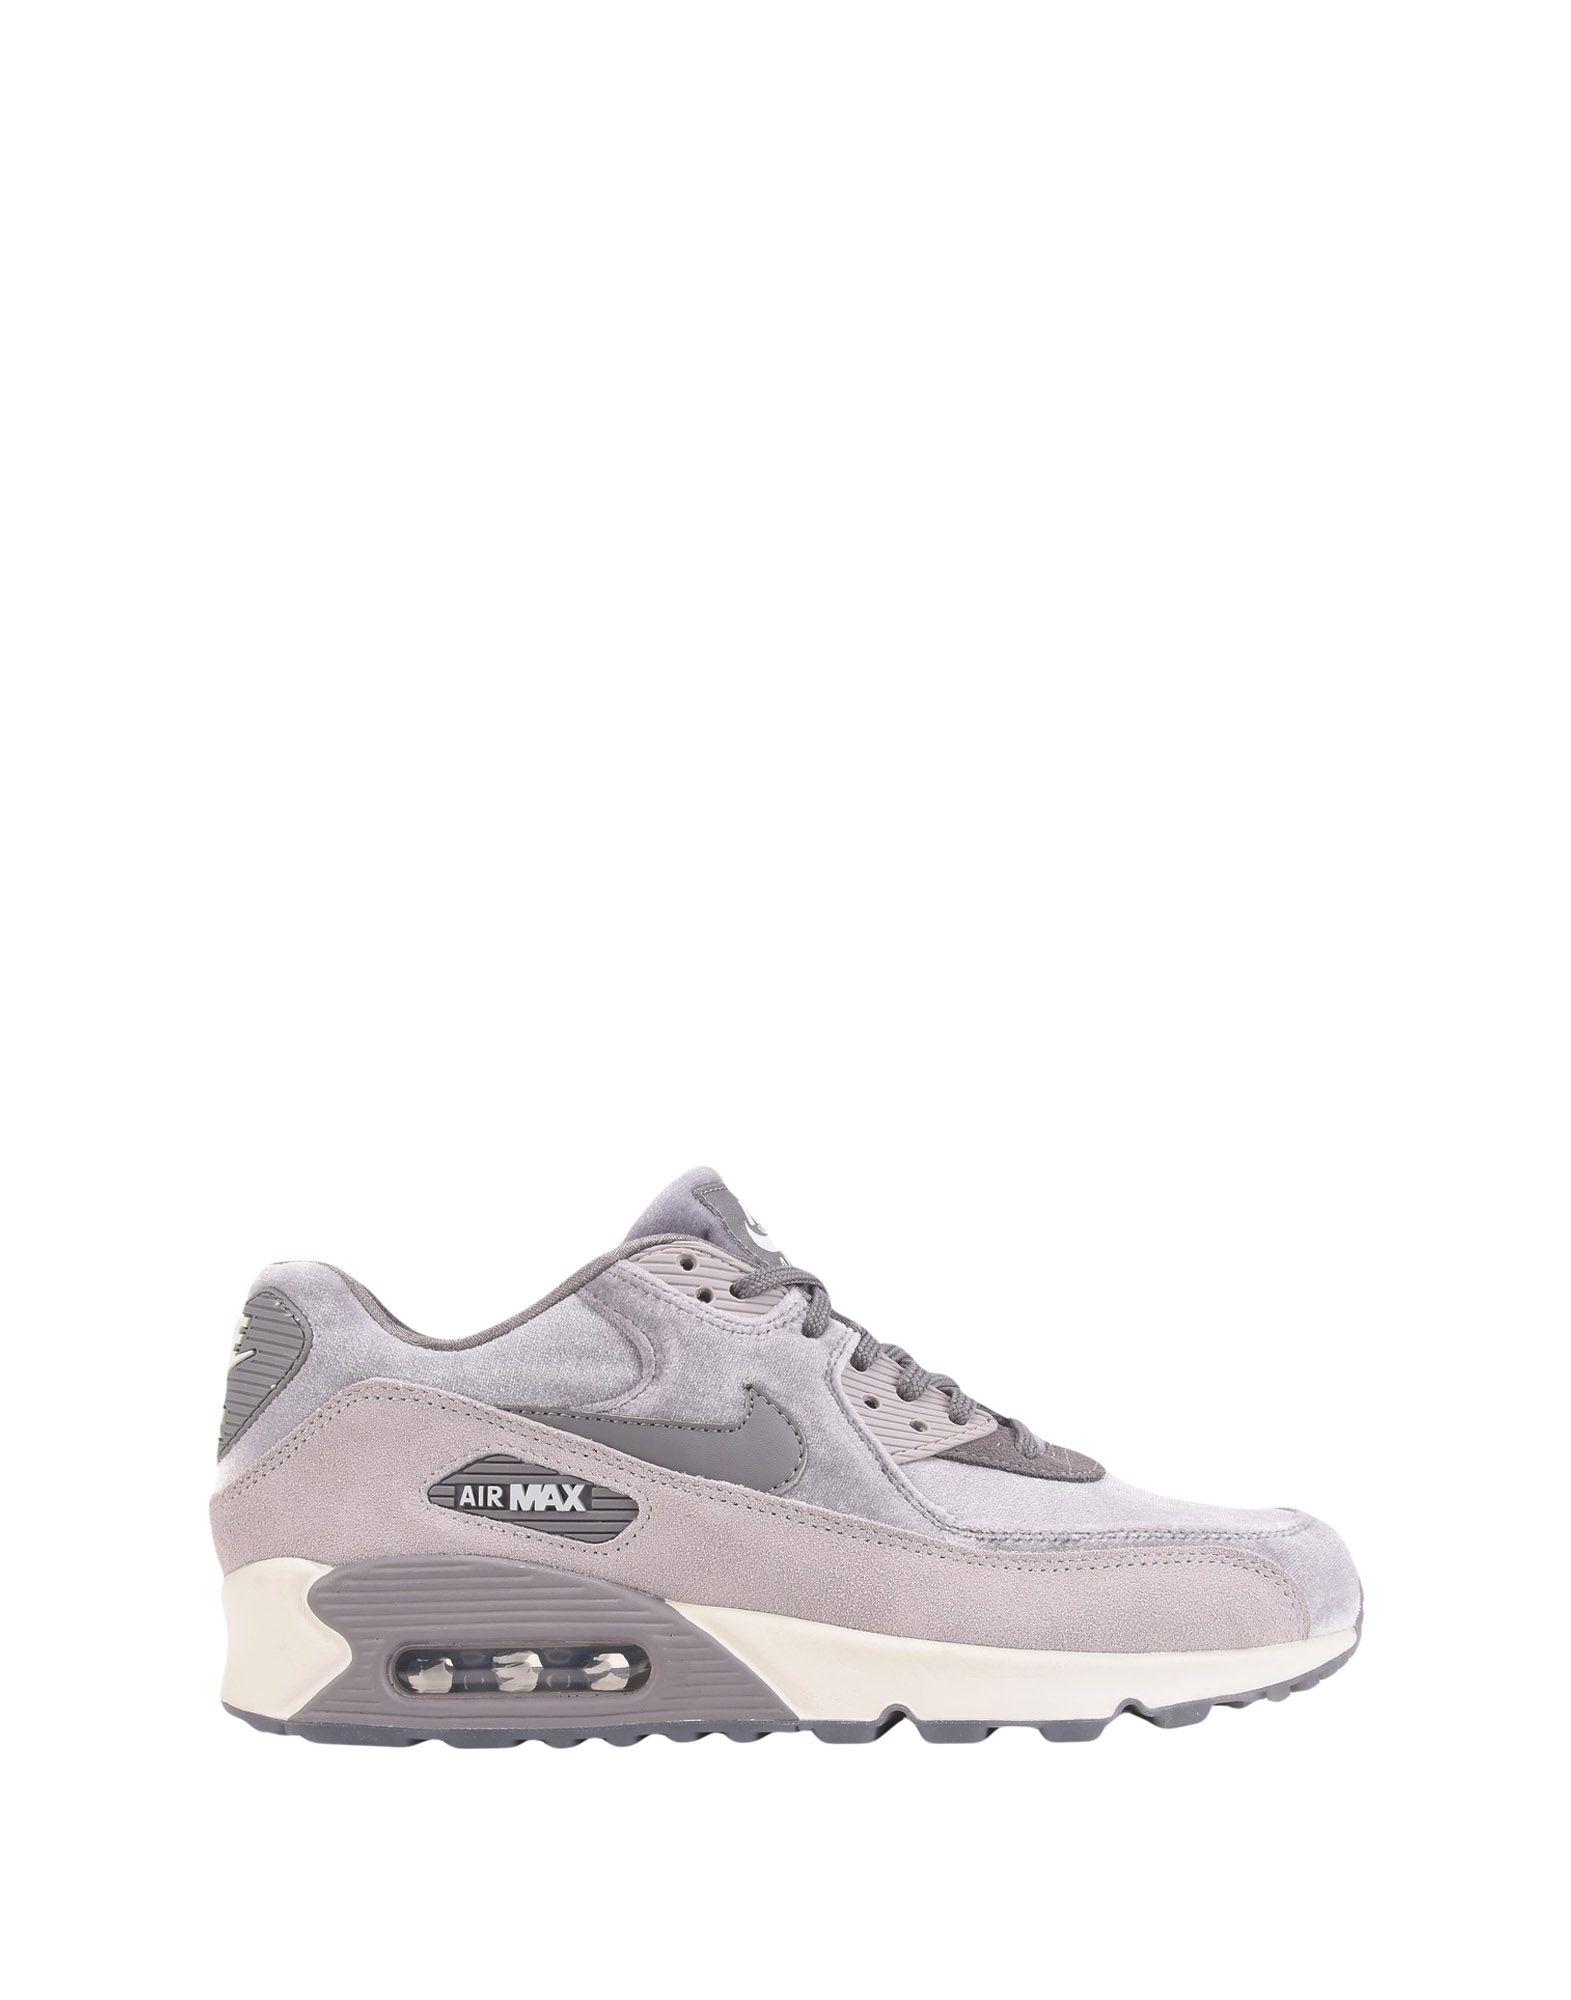 ... Sneakers Nike Air Max 90 Lux - Femme - Sneakers Nike sur ...